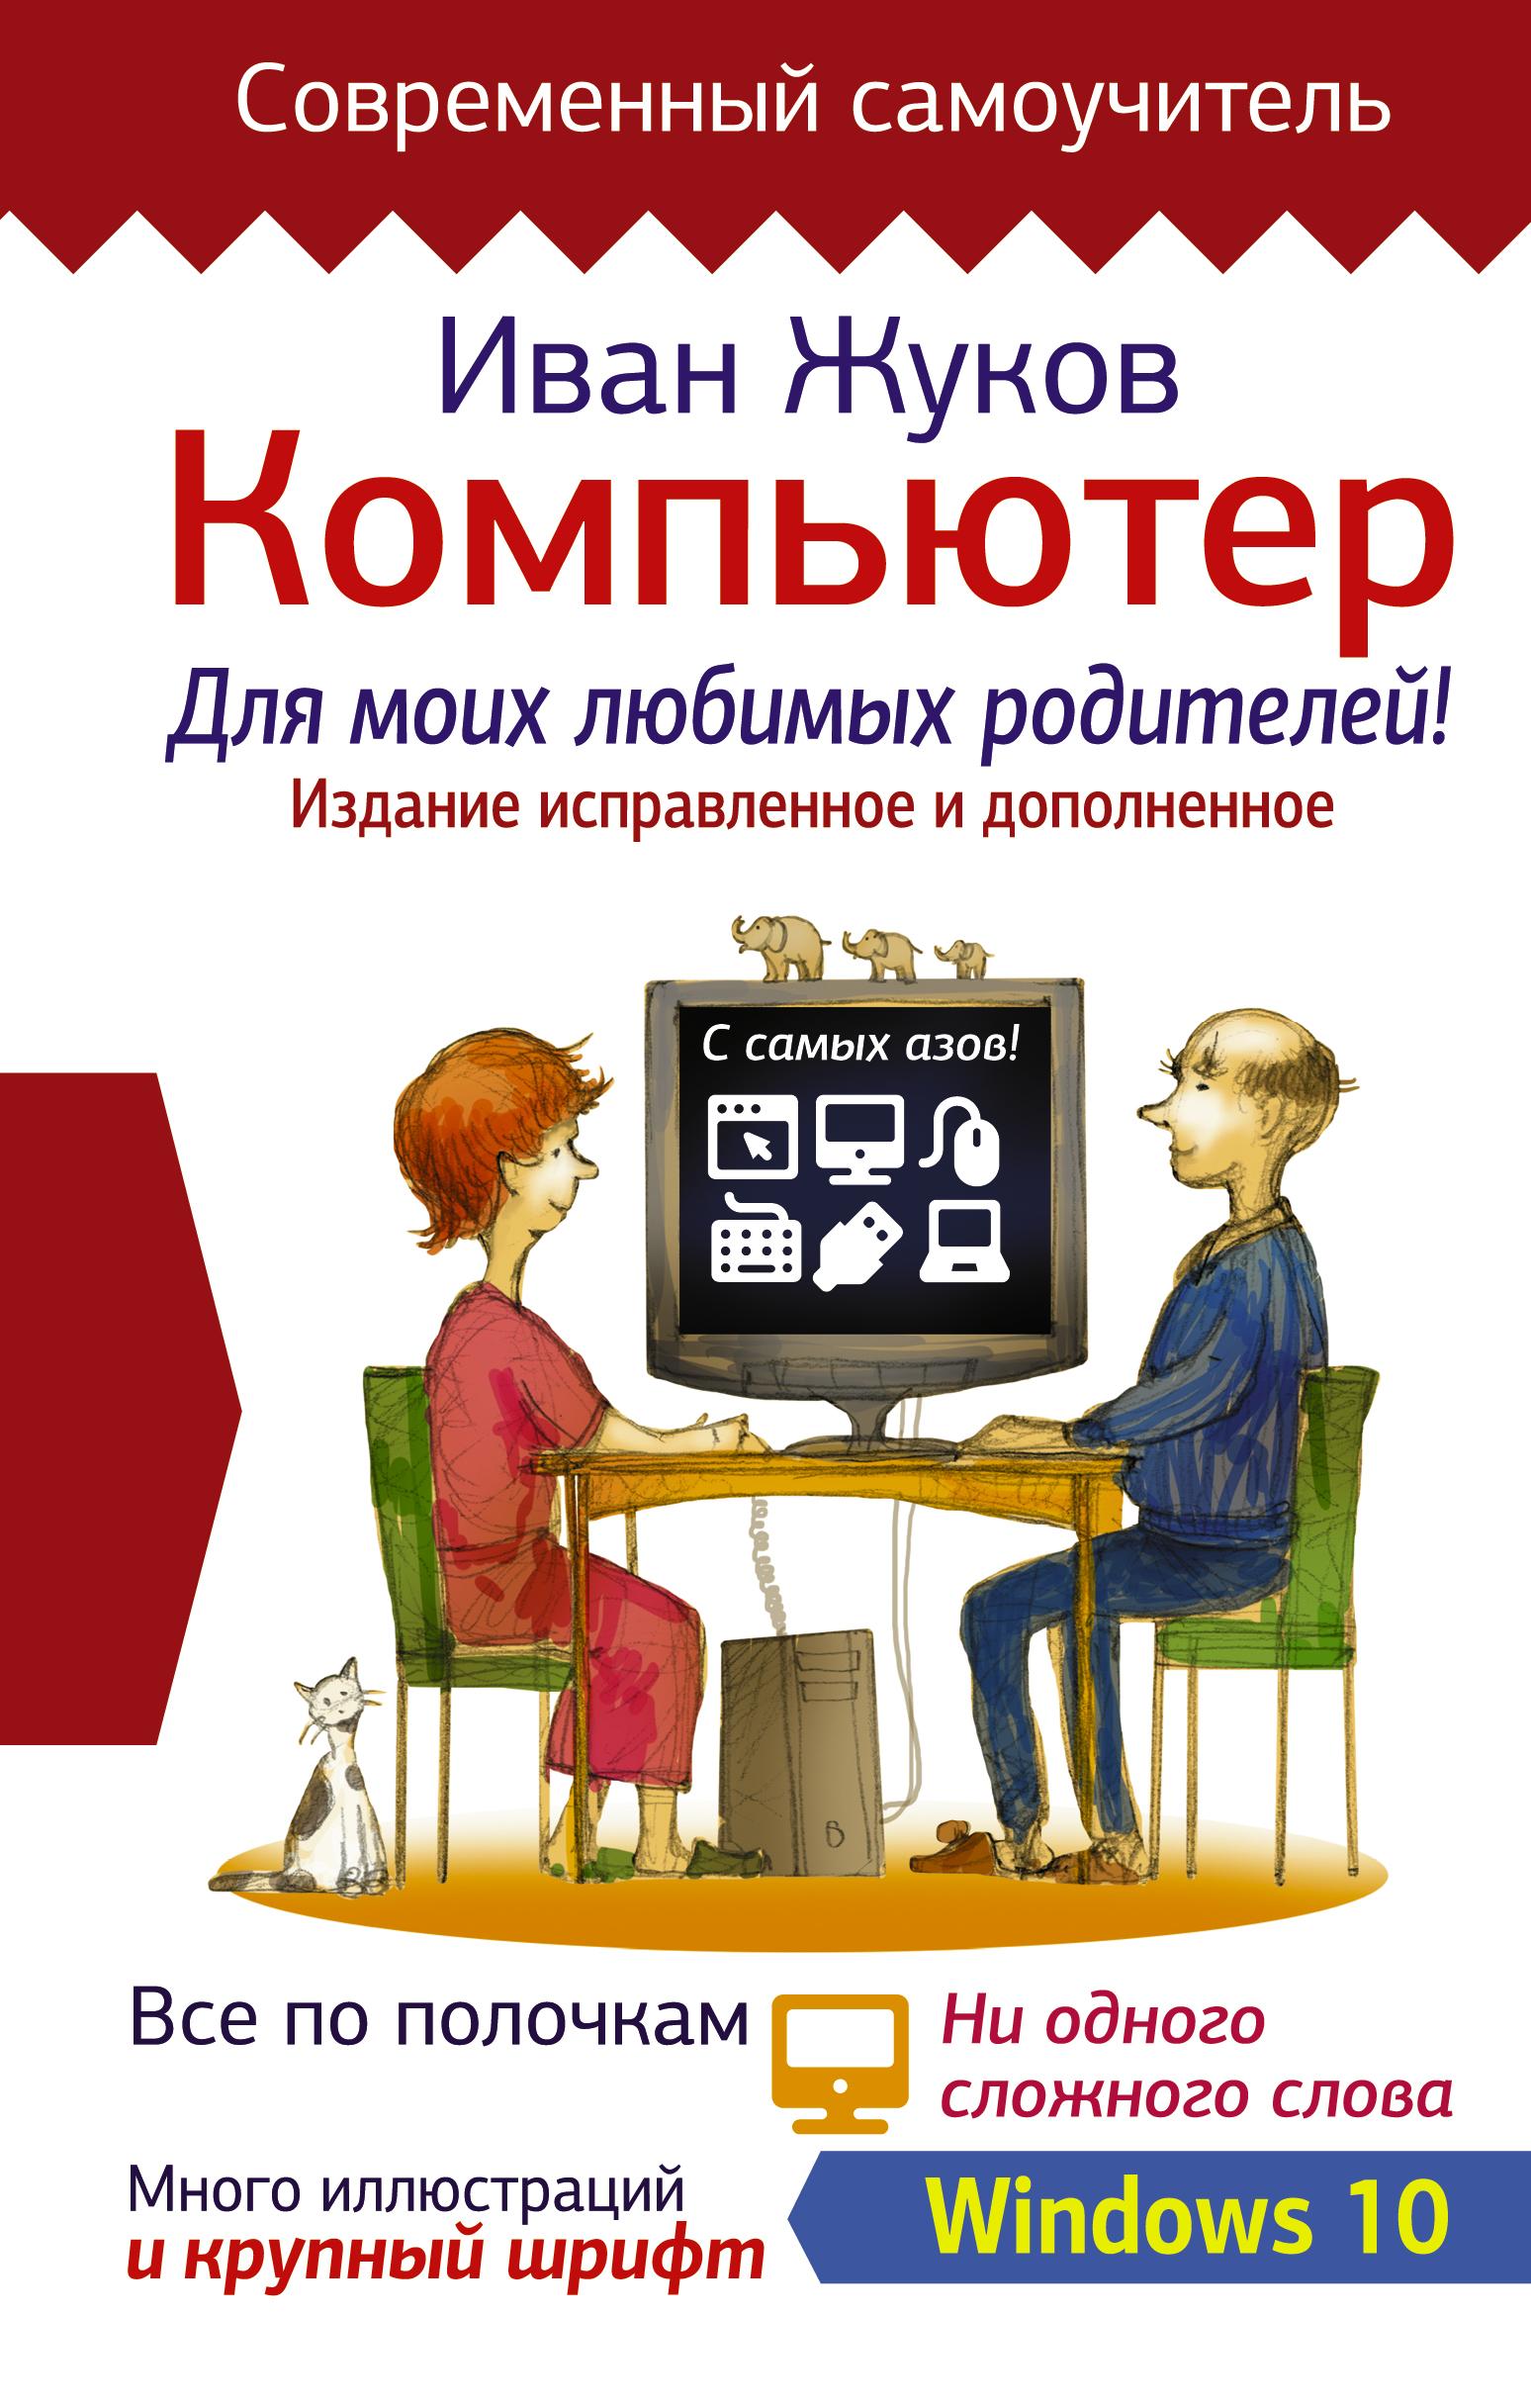 Жуков Иван Компьютер для моих любимых родителей. Издание исправленное и дополненное